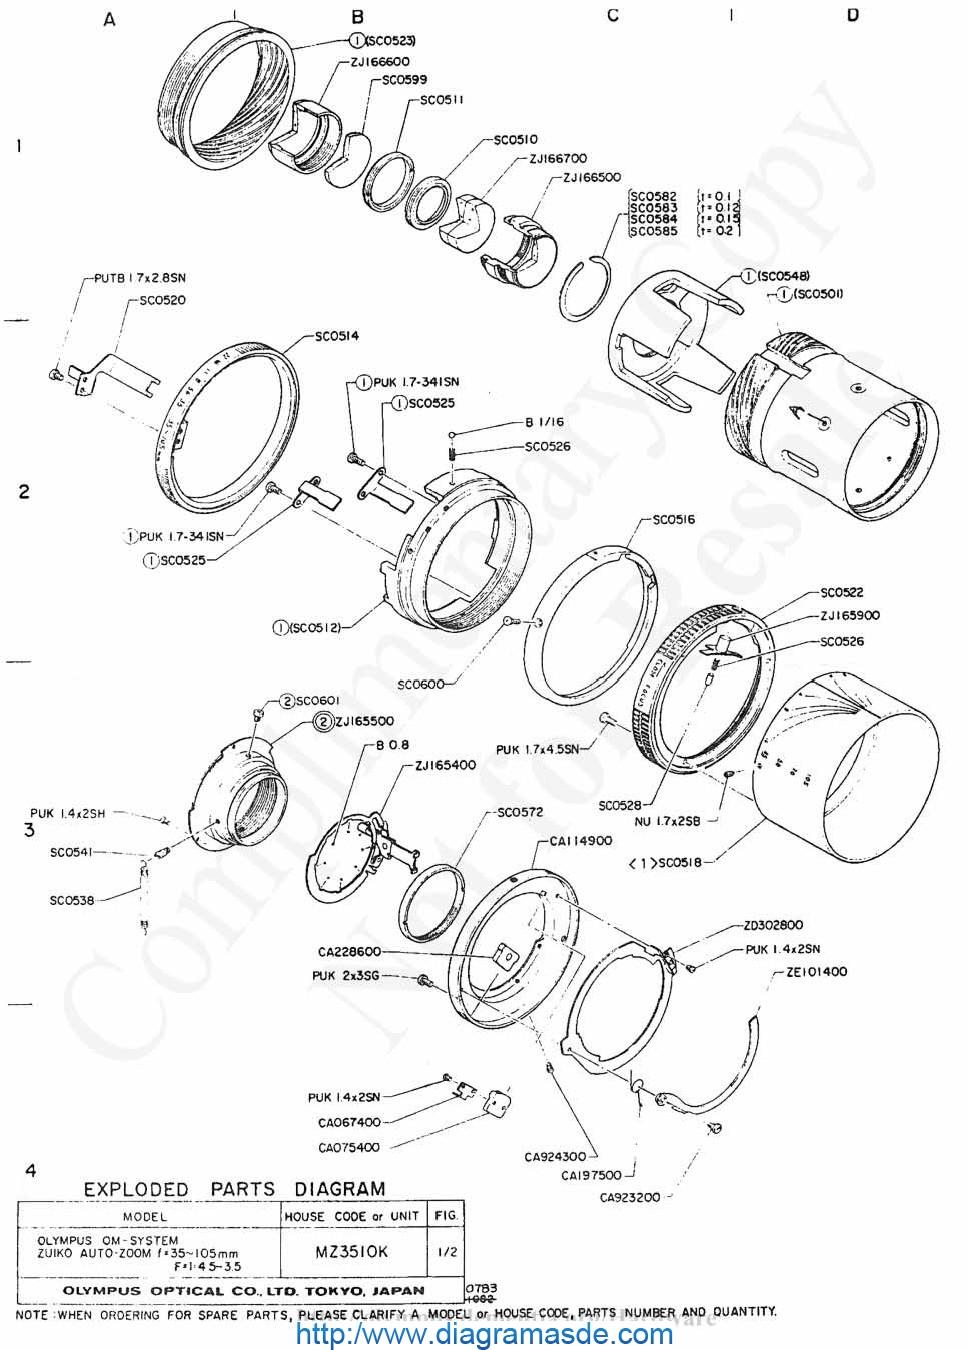 OLYMPUS 35-105mm f3.5-4.5.pdf OLYMPUS MZ-3510K